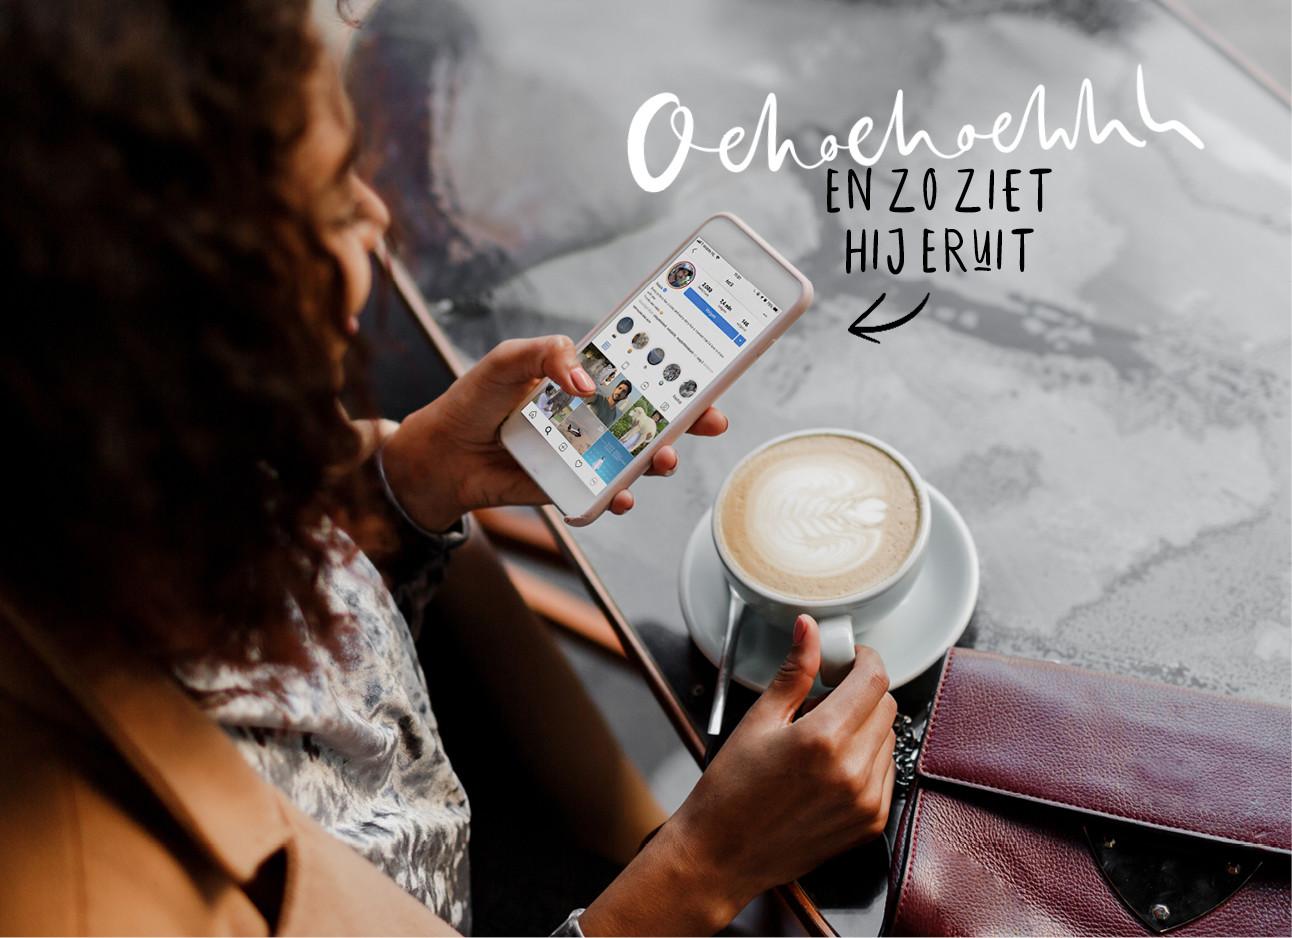 vrouw kijkend naar telefoon drinkend een kop koffie in een restaurant